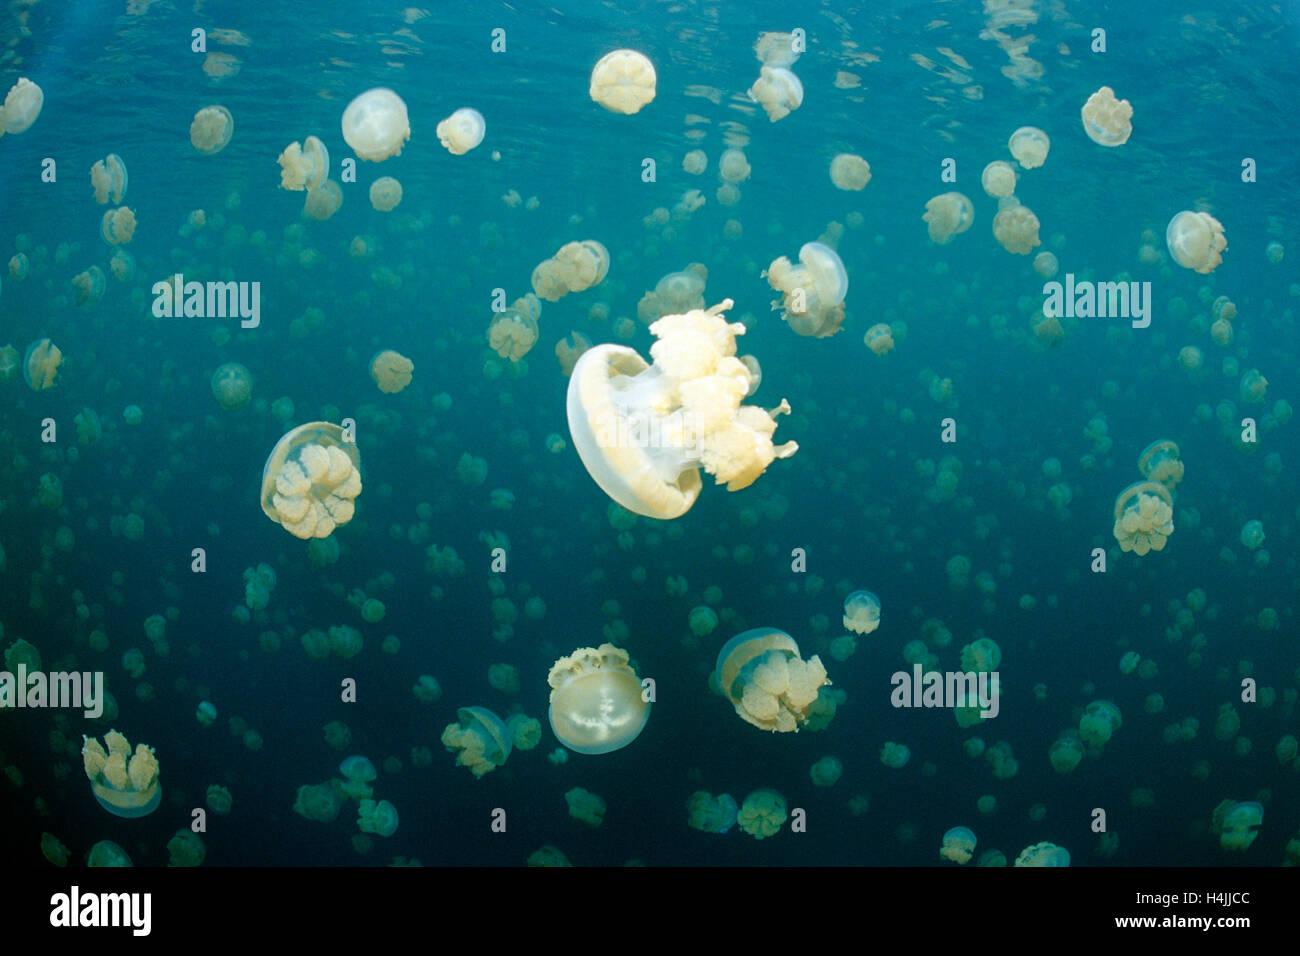 Jellyfish Lake mit endemischen stachellosen entdeckt Gelee oder Lagune Gelee (Mastigias Papua Etpisonii), Palau, Mikronesien, Pazifik Stockfoto